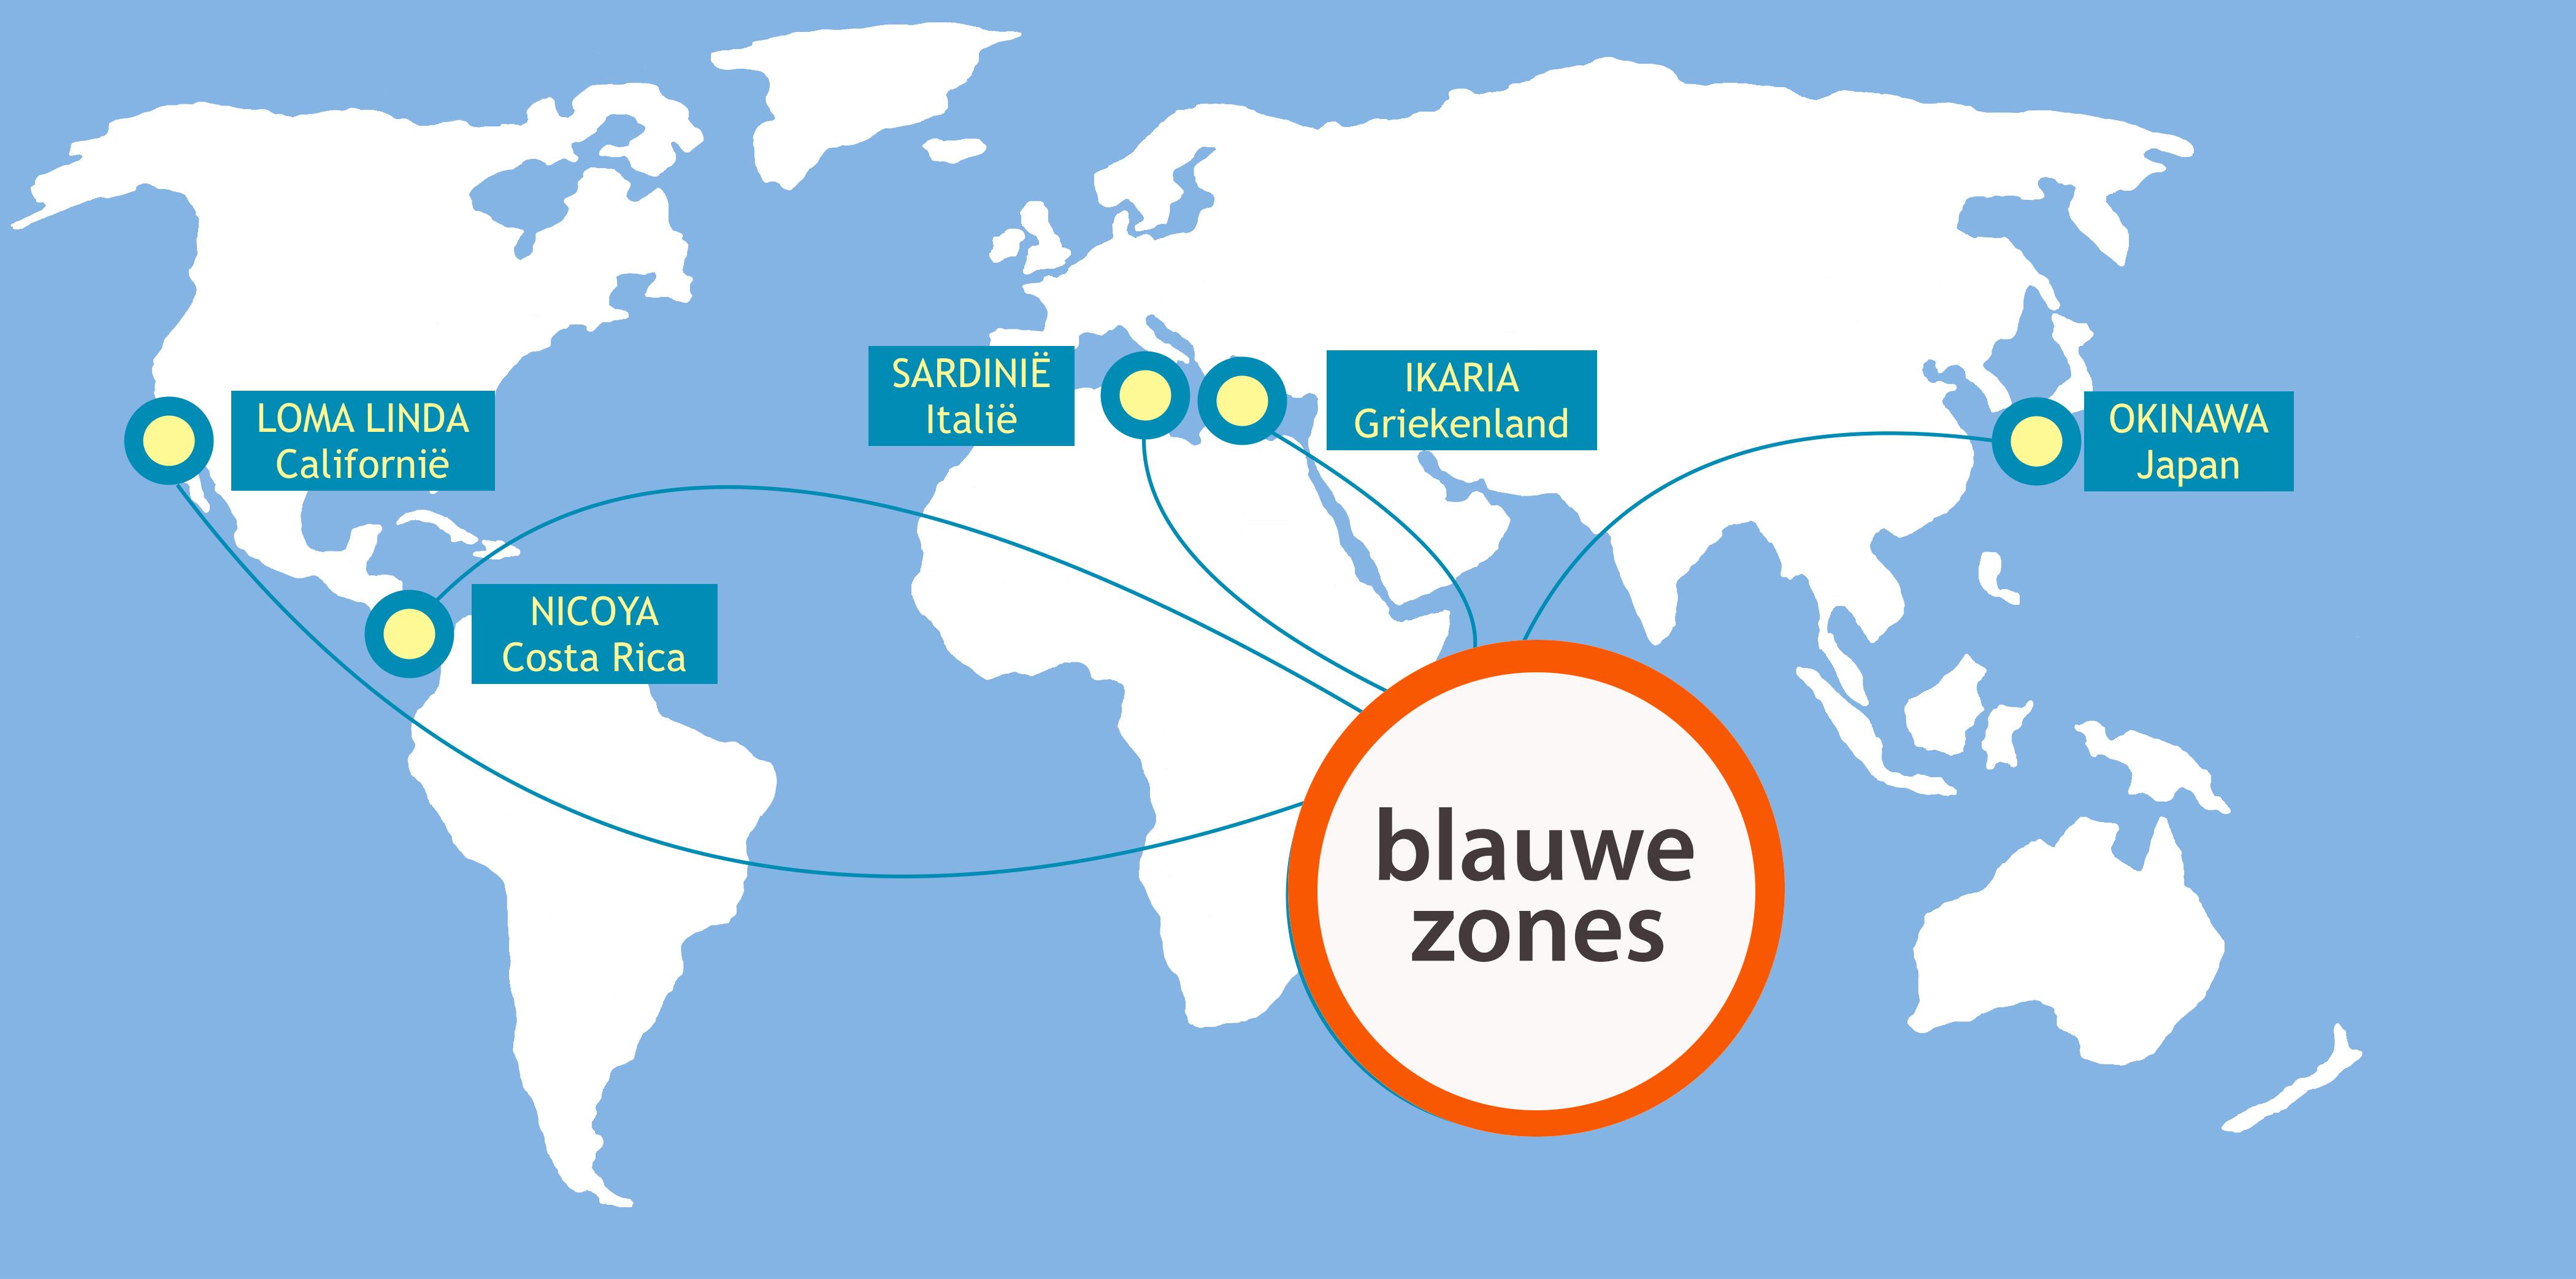 blauwe-zones-zonder-logo